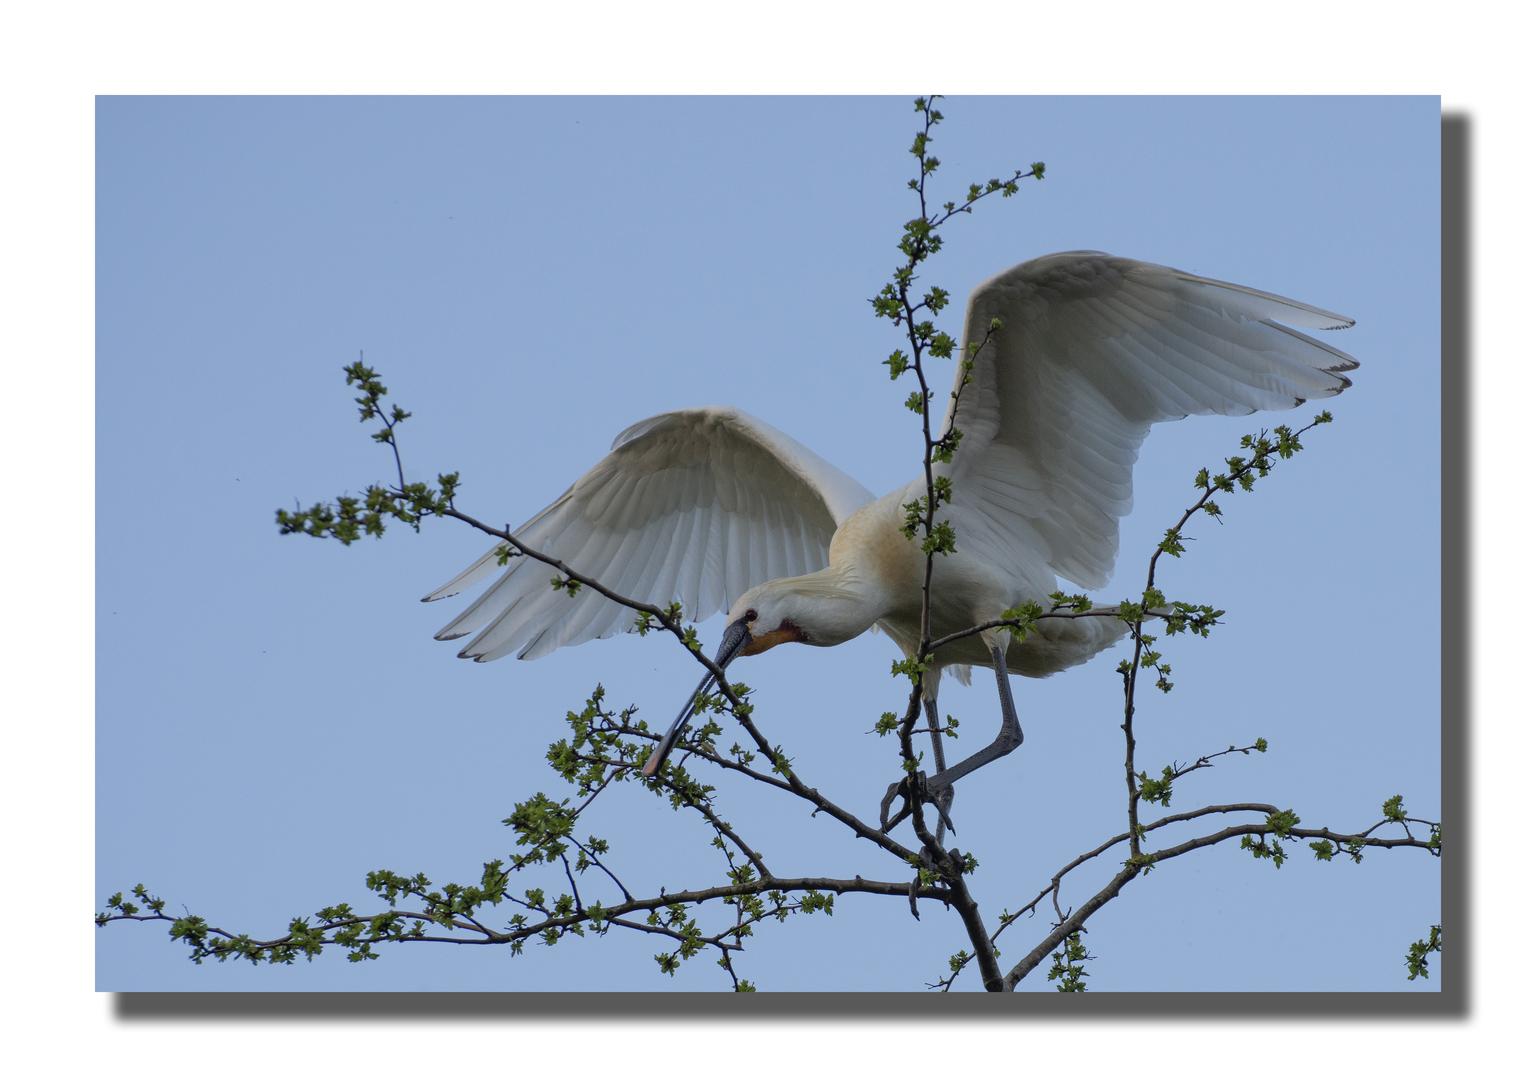 de lepelaar - deze prachtige lepelaar op de foto gezet. - foto door jeanet1971 op 11-04-2021 - locatie: Delft, Nederland - deze foto bevat: lucht, bestuiver, insect, takje, vleugel, veer, modeaccessoire, dieren in het wild, staart, bek